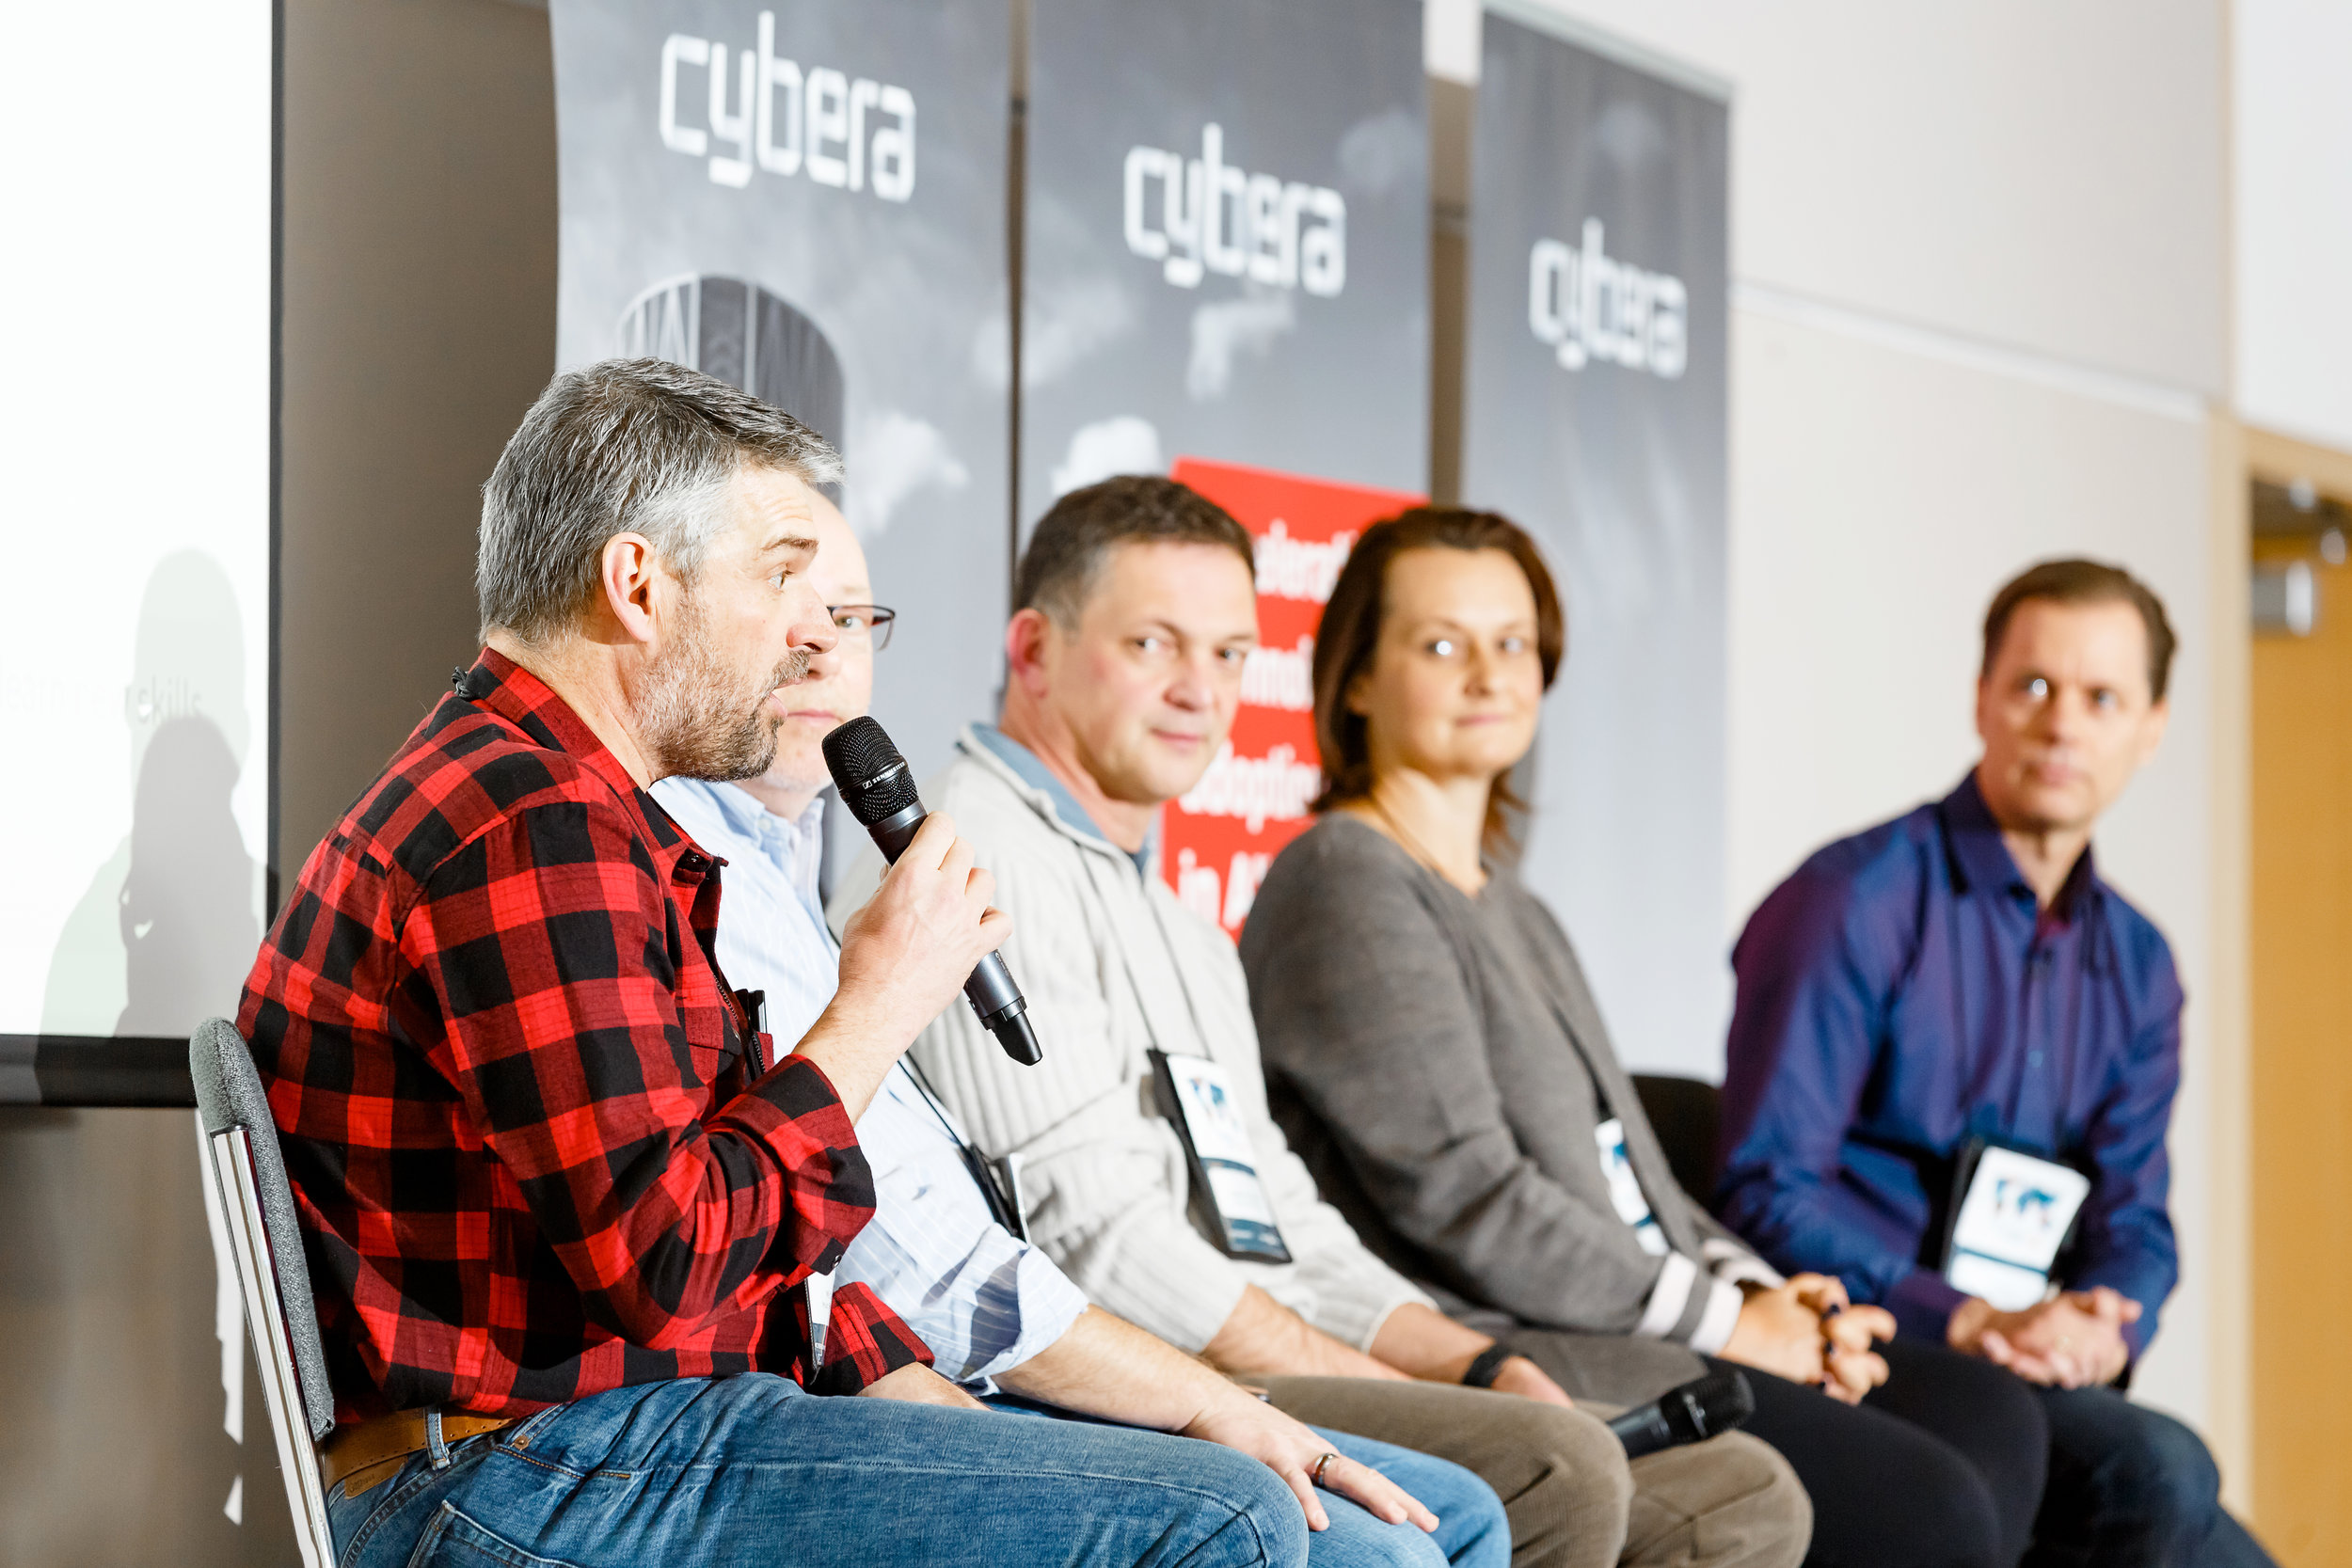 Cybera Summit 2017-482.jpg